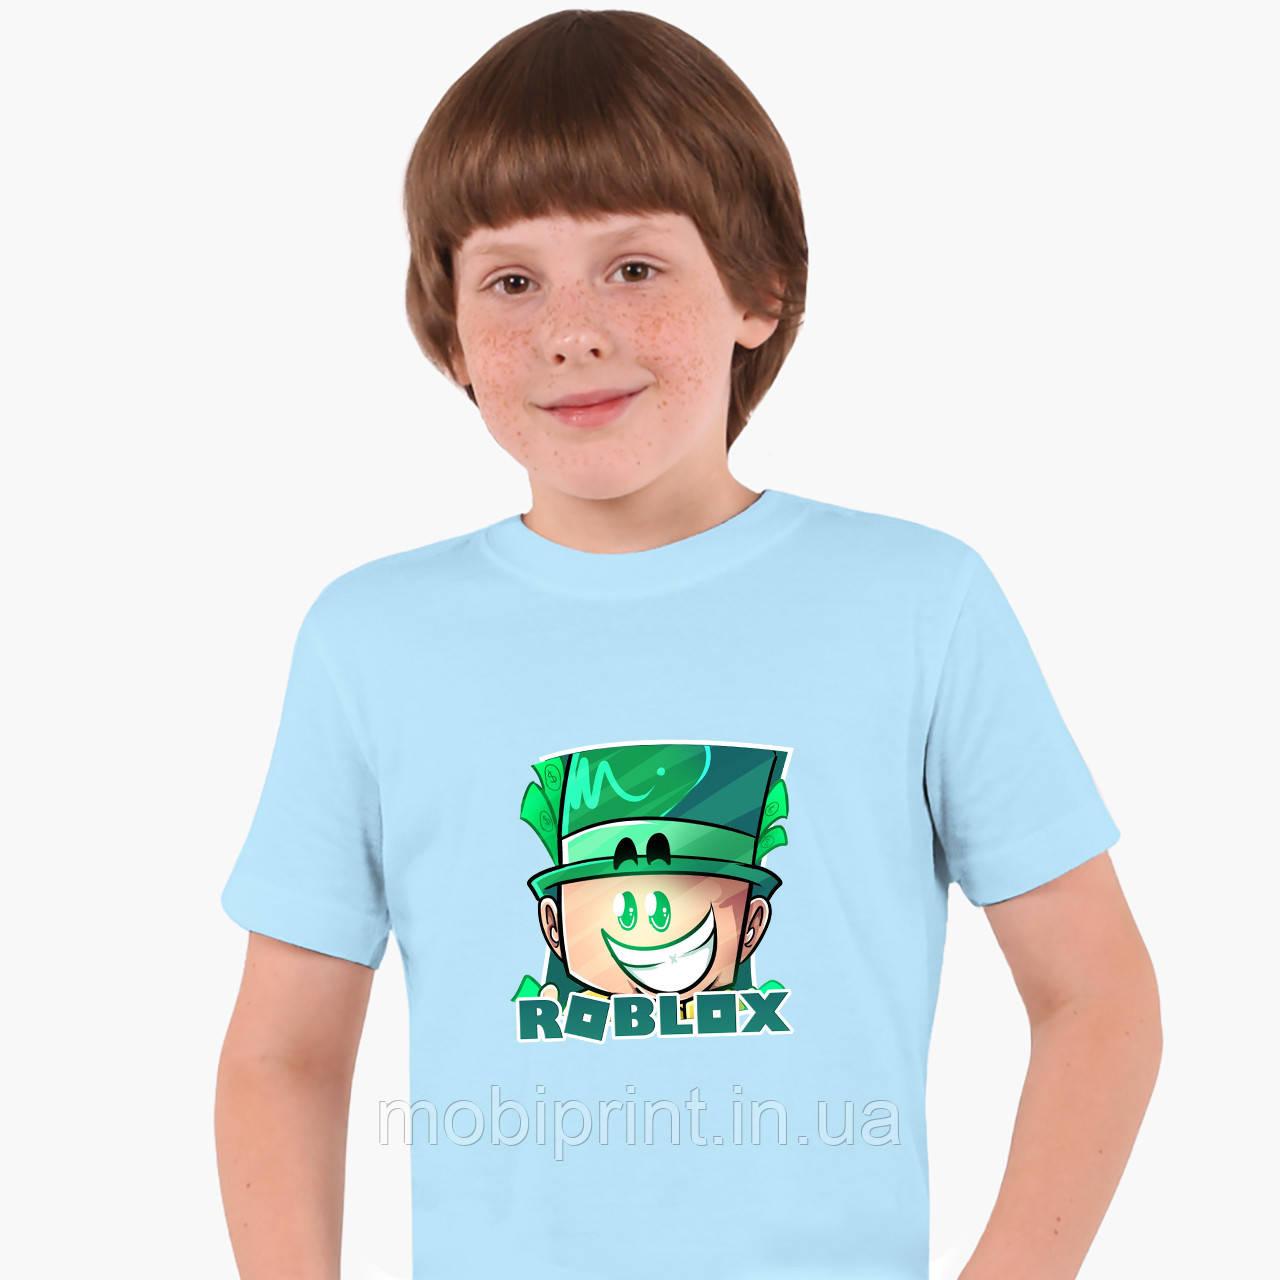 Детская футболка для мальчиков Роблокс (Roblox) (25186-1226) Голубой